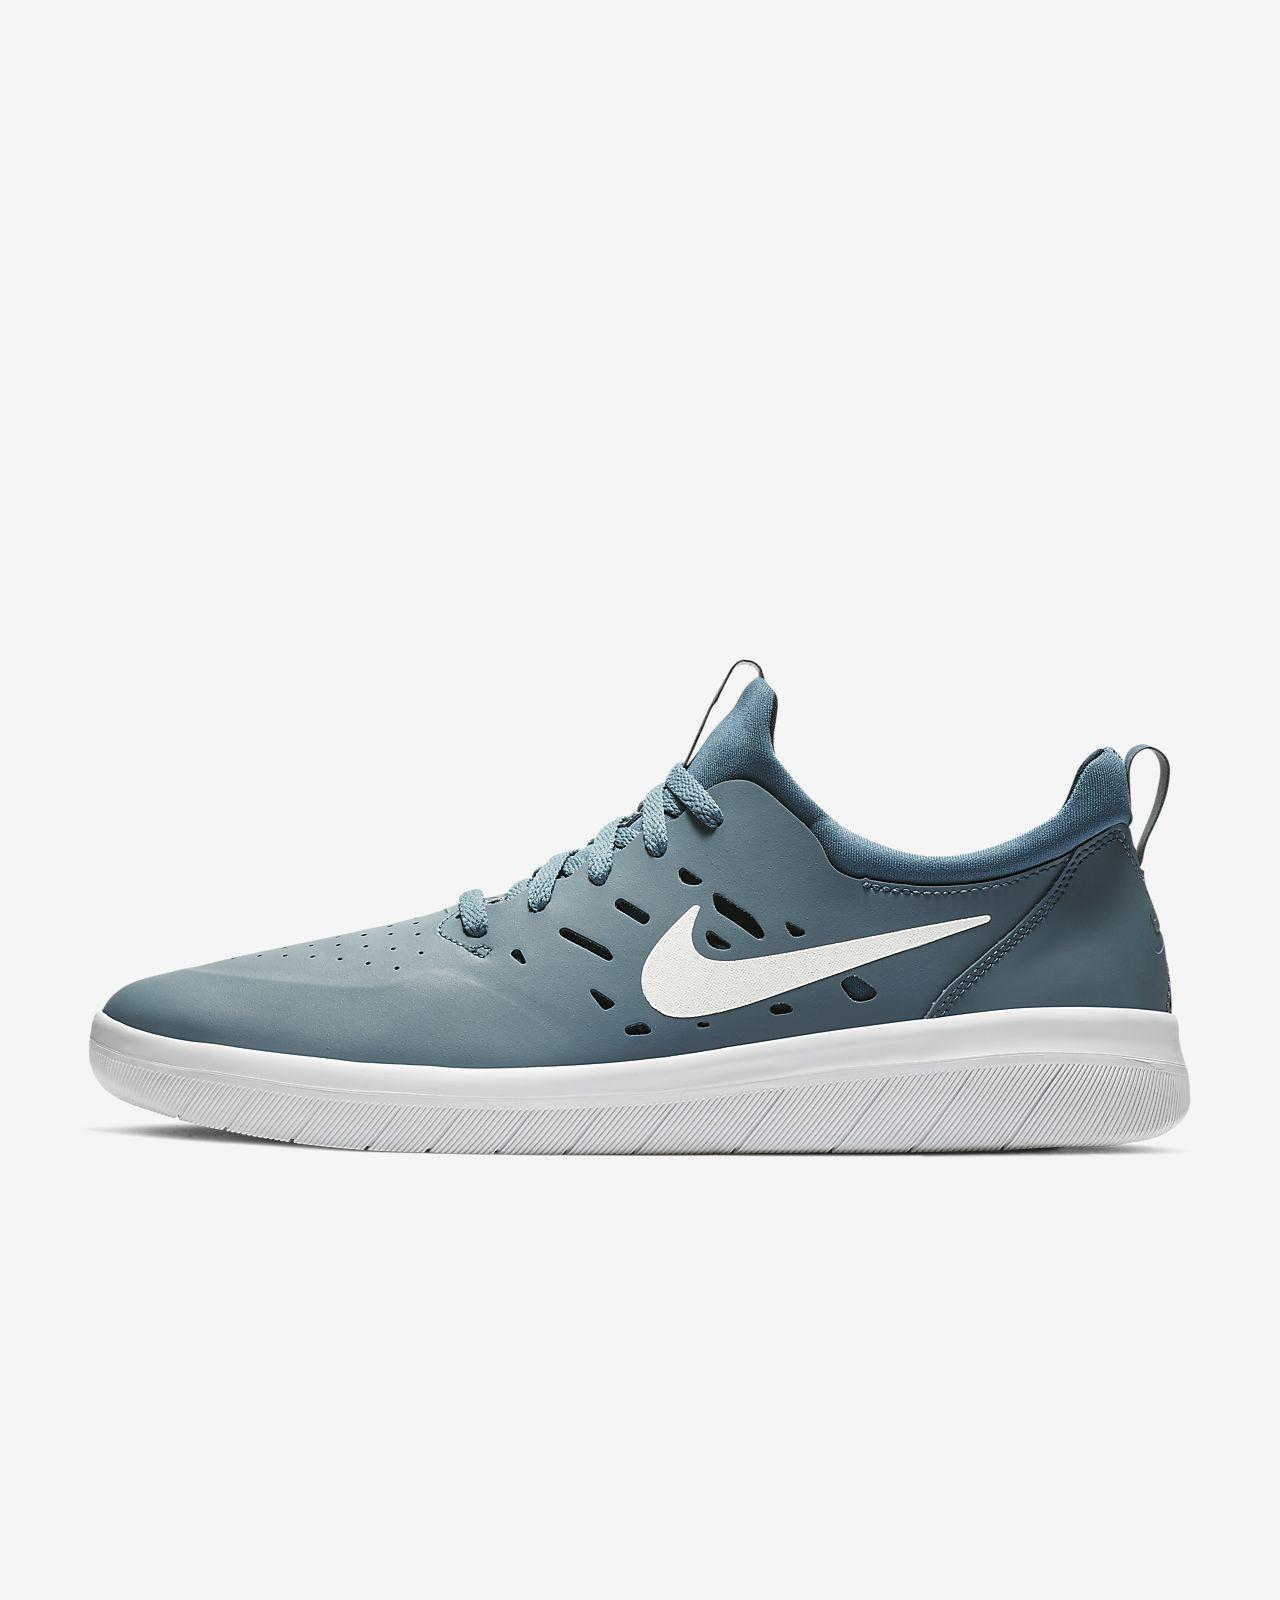 fd96531ee6b33 Nike SB Nyjah Free Skate Shoe. Nike.com GB